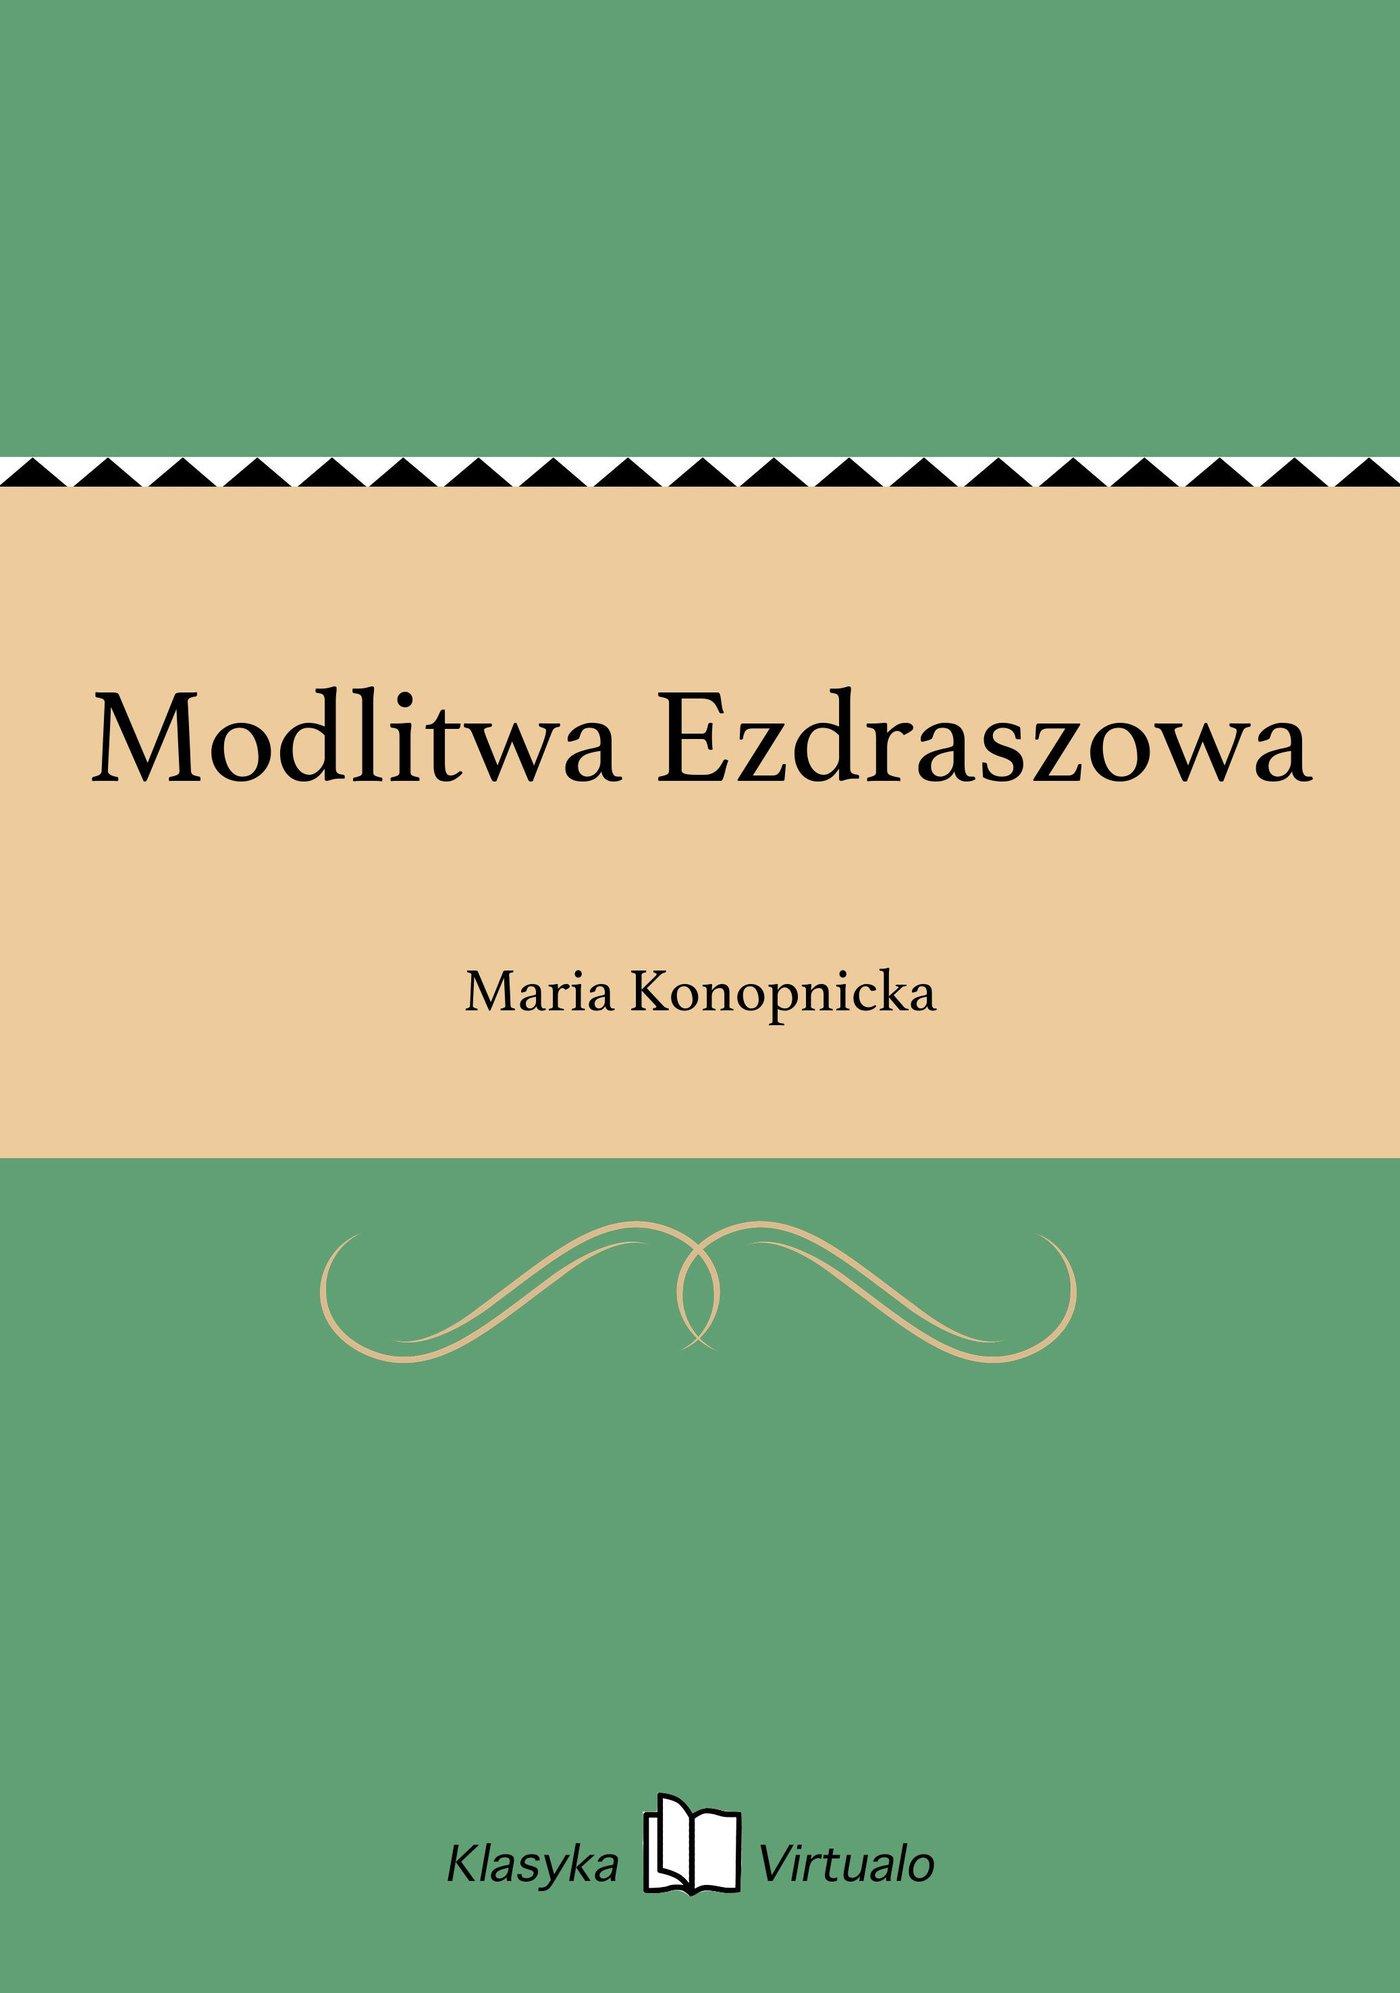 Modlitwa Ezdraszowa - Ebook (Książka EPUB) do pobrania w formacie EPUB